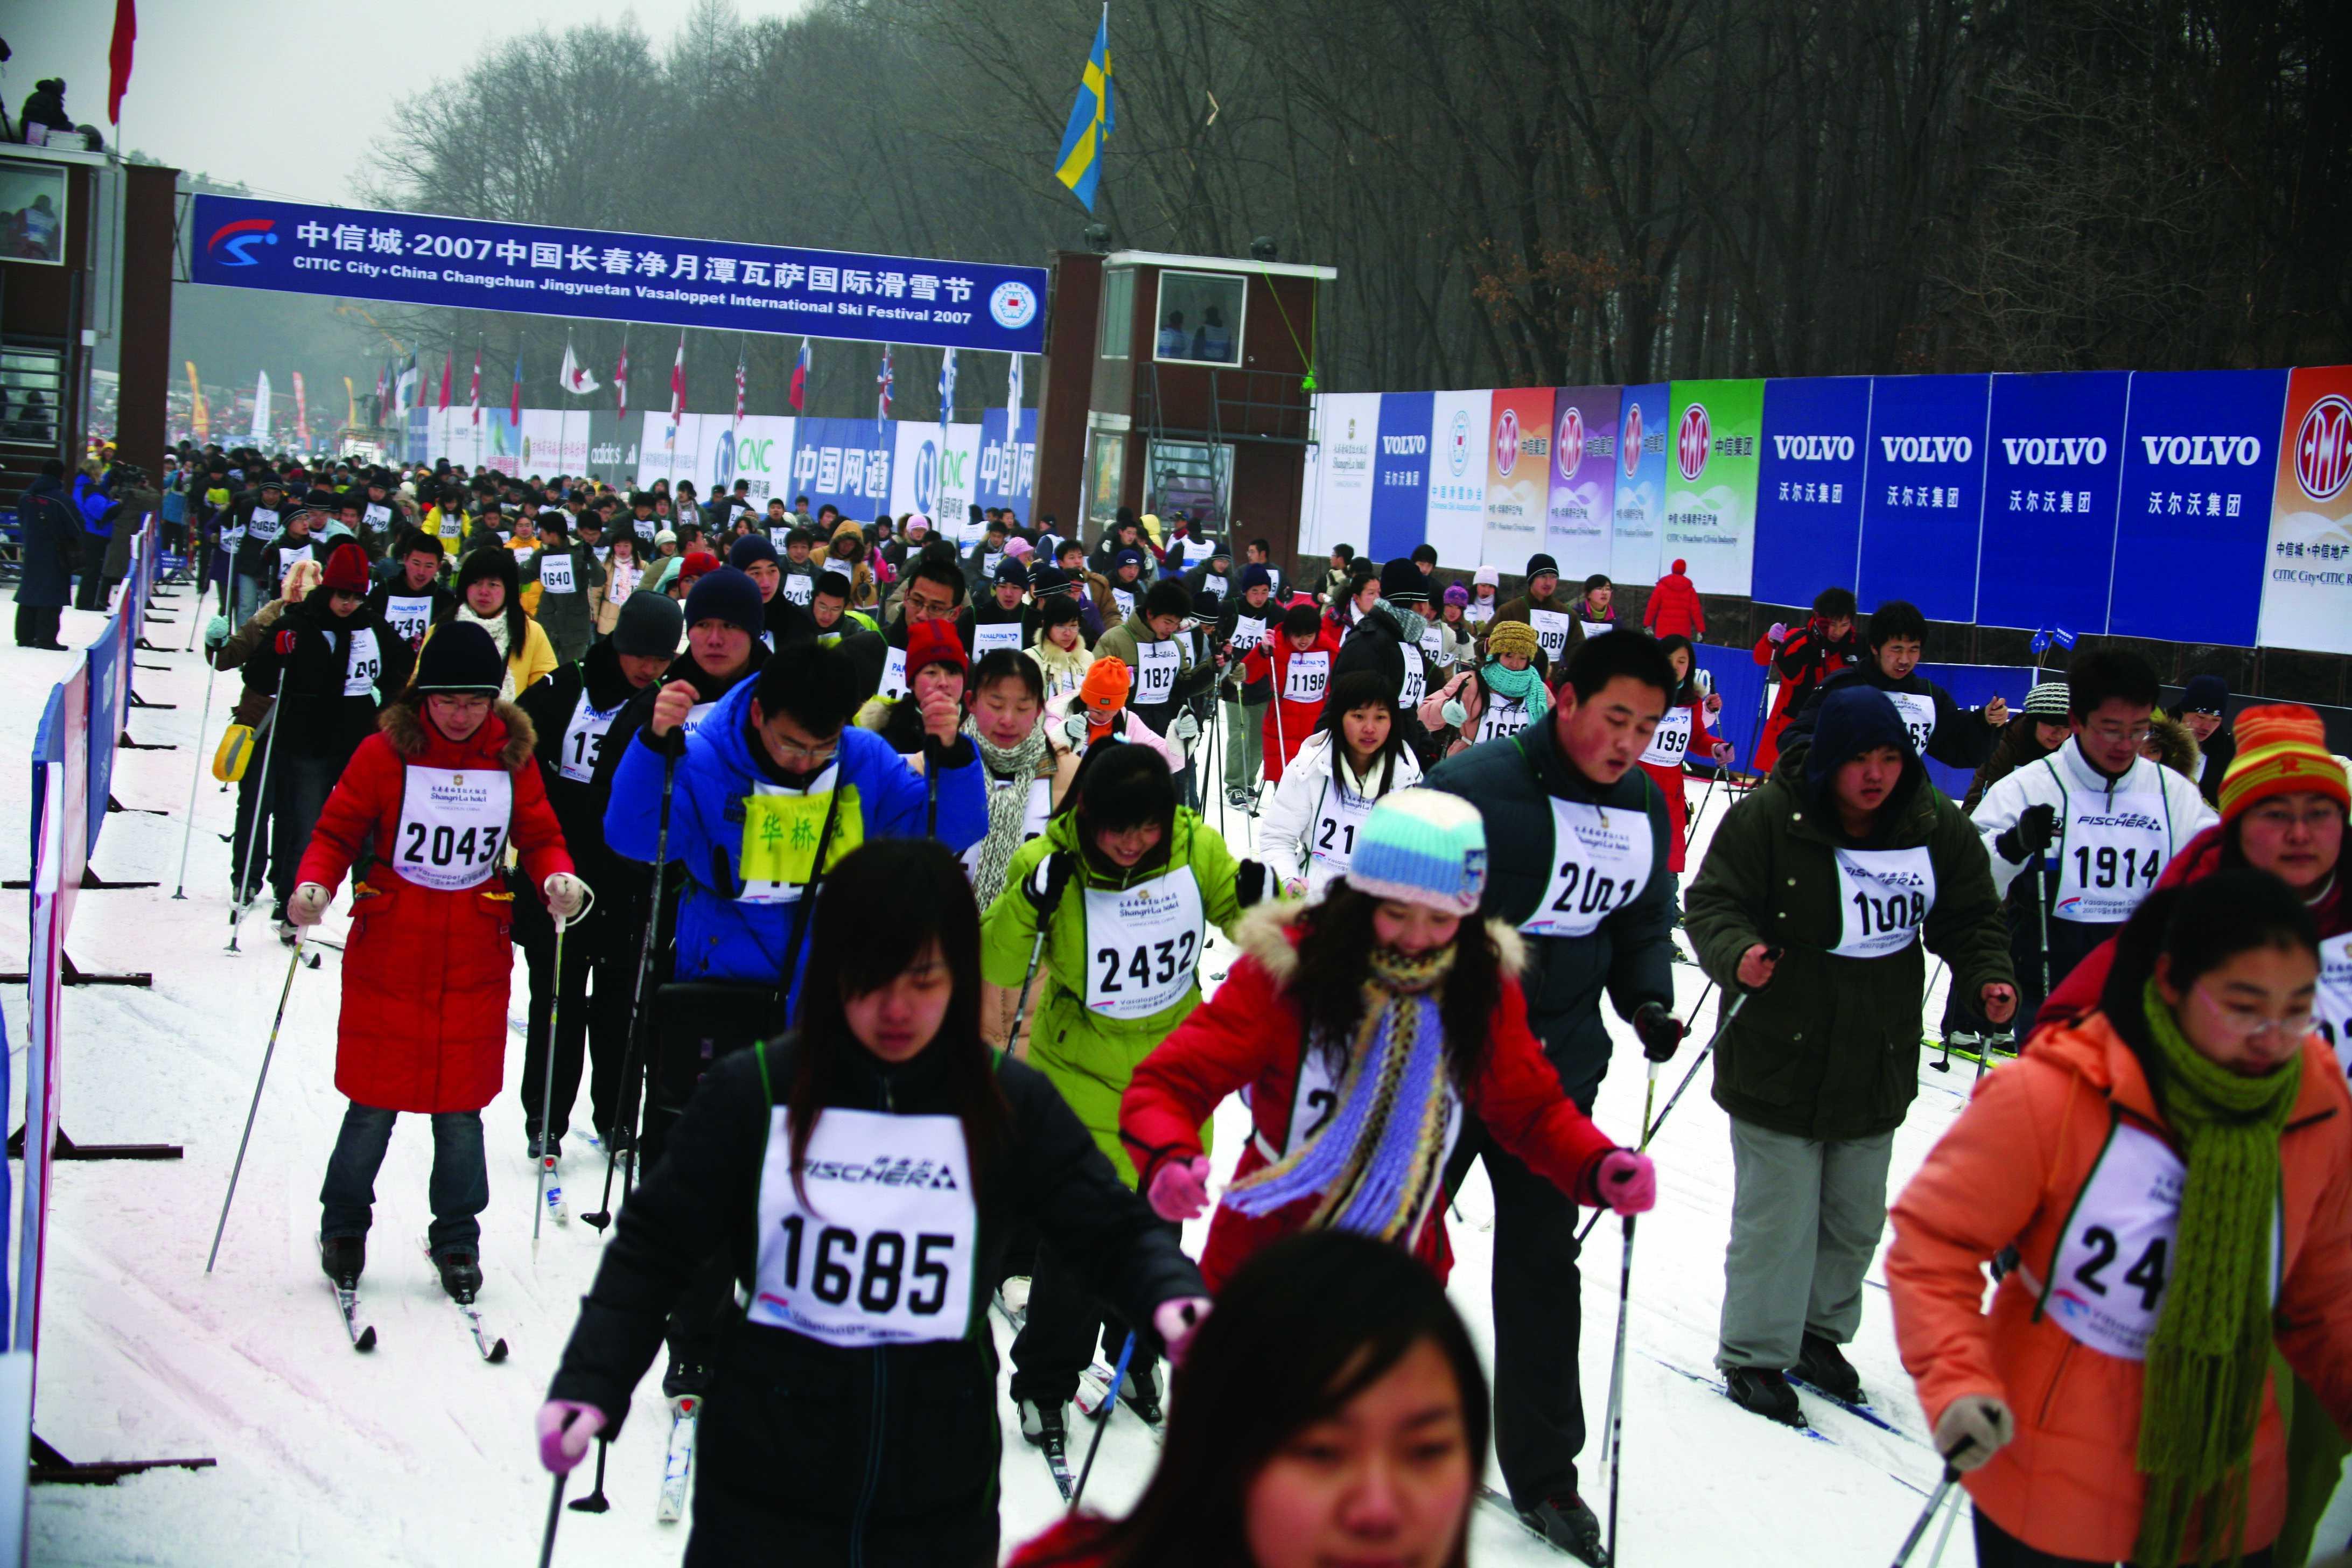 Vasaloppet China Education Introduction